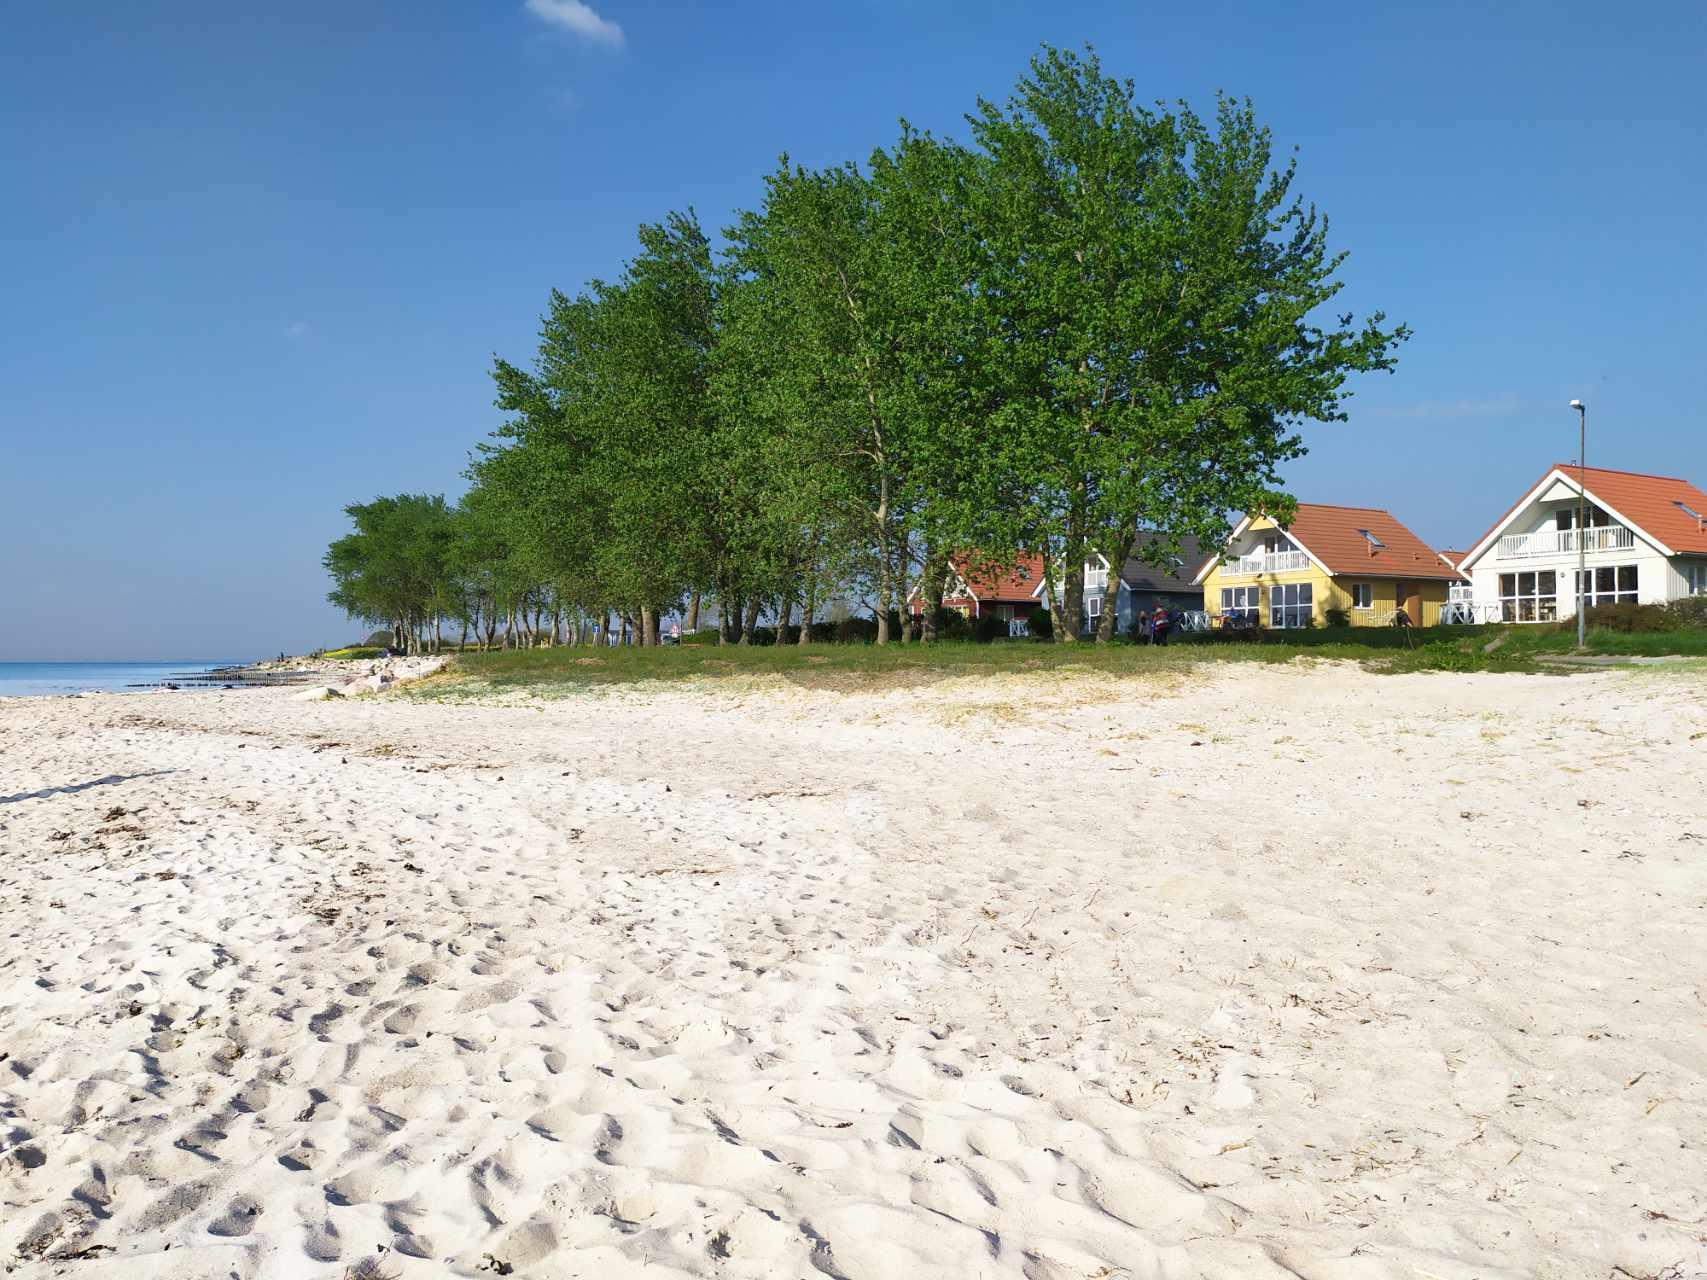 Der Strand in Wackerballig vor dem Ferienhaus Wackerama